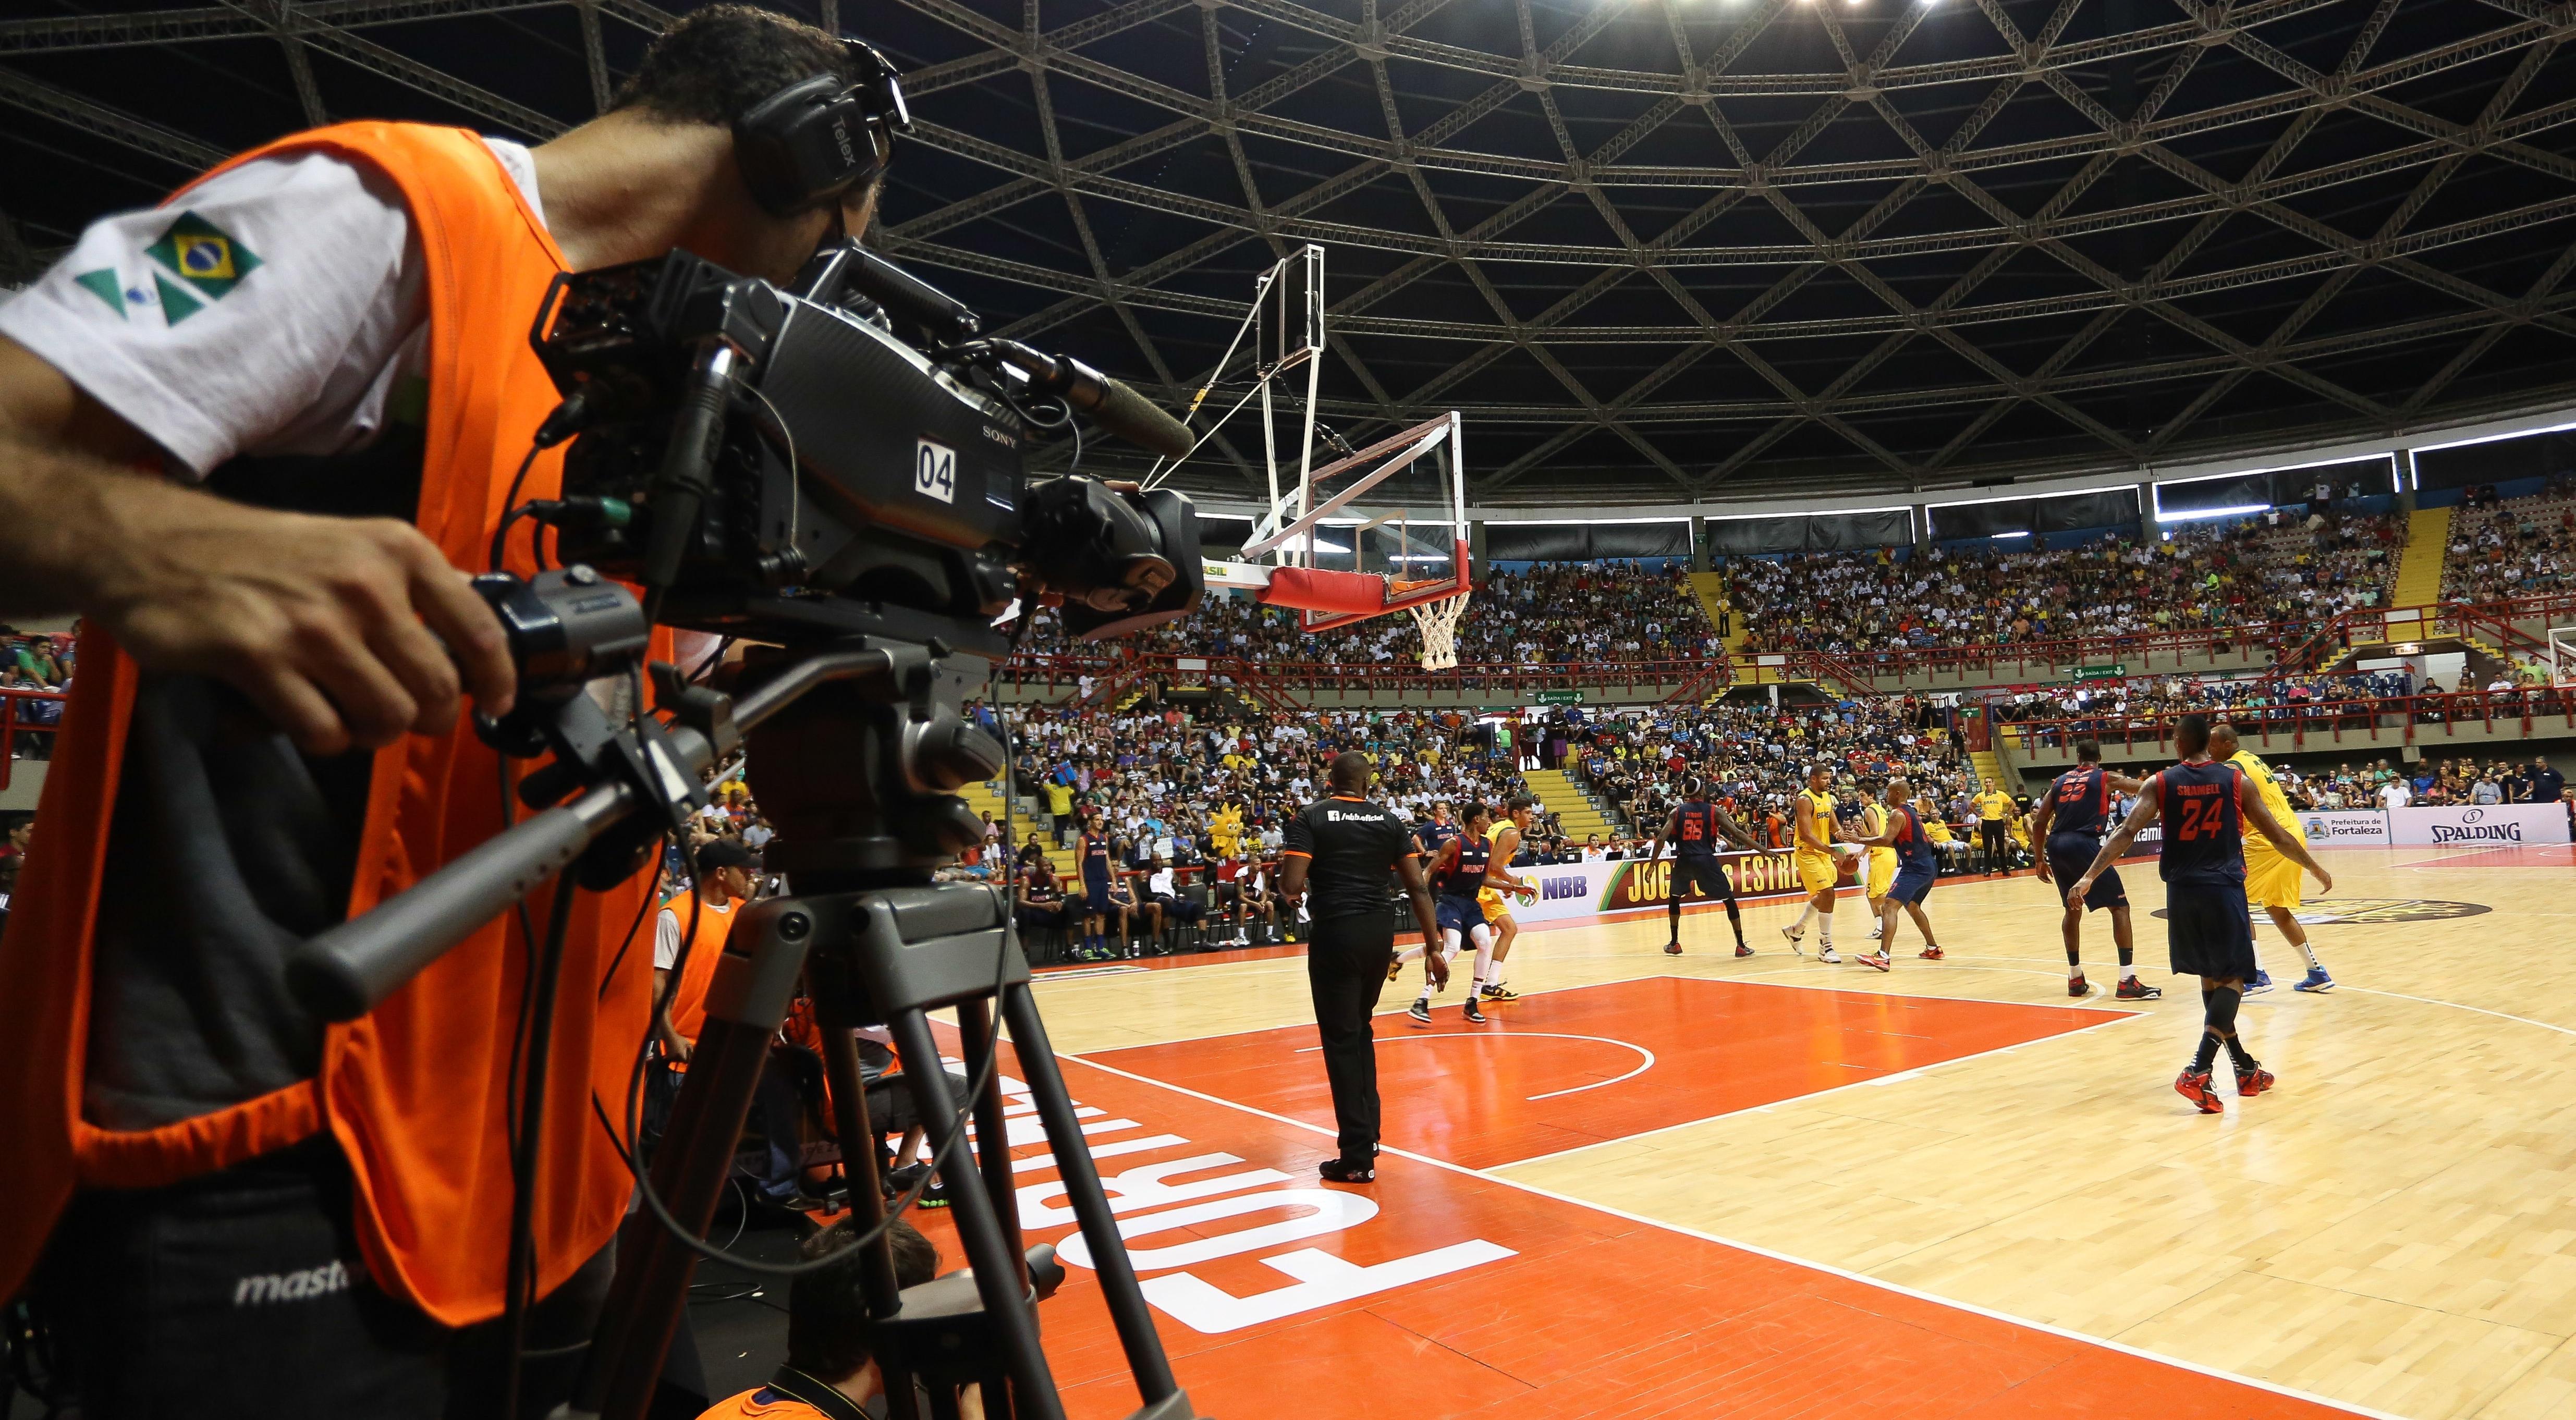 Três jogos da fase de classificação serão transmitidos ao vivo no site da LNB (Luiz Pires/LNB)